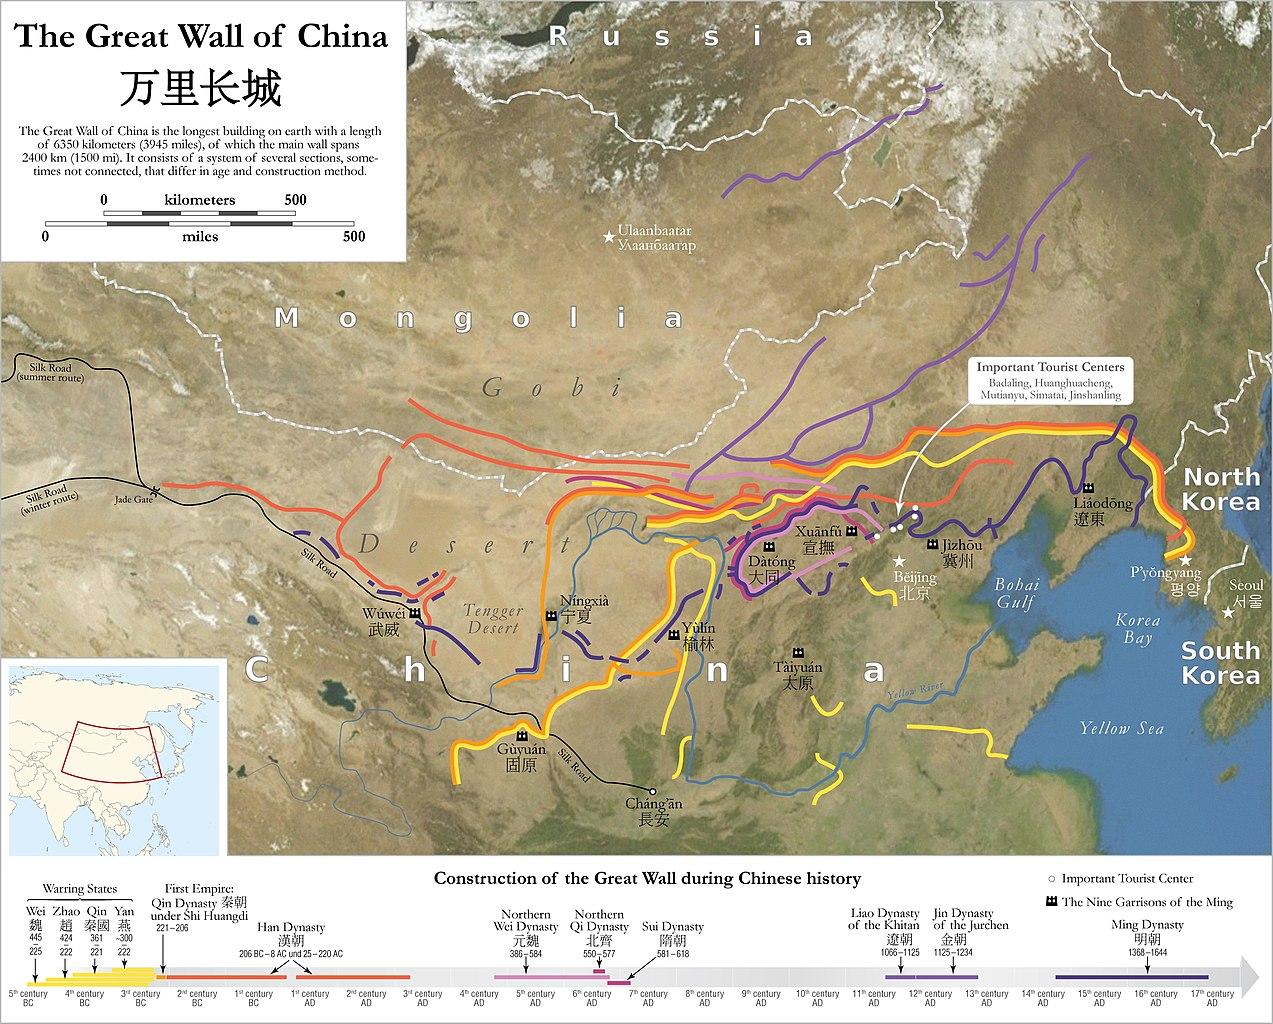 ملف Map Of The Great Wall Of China Jpg ويكيبيديا